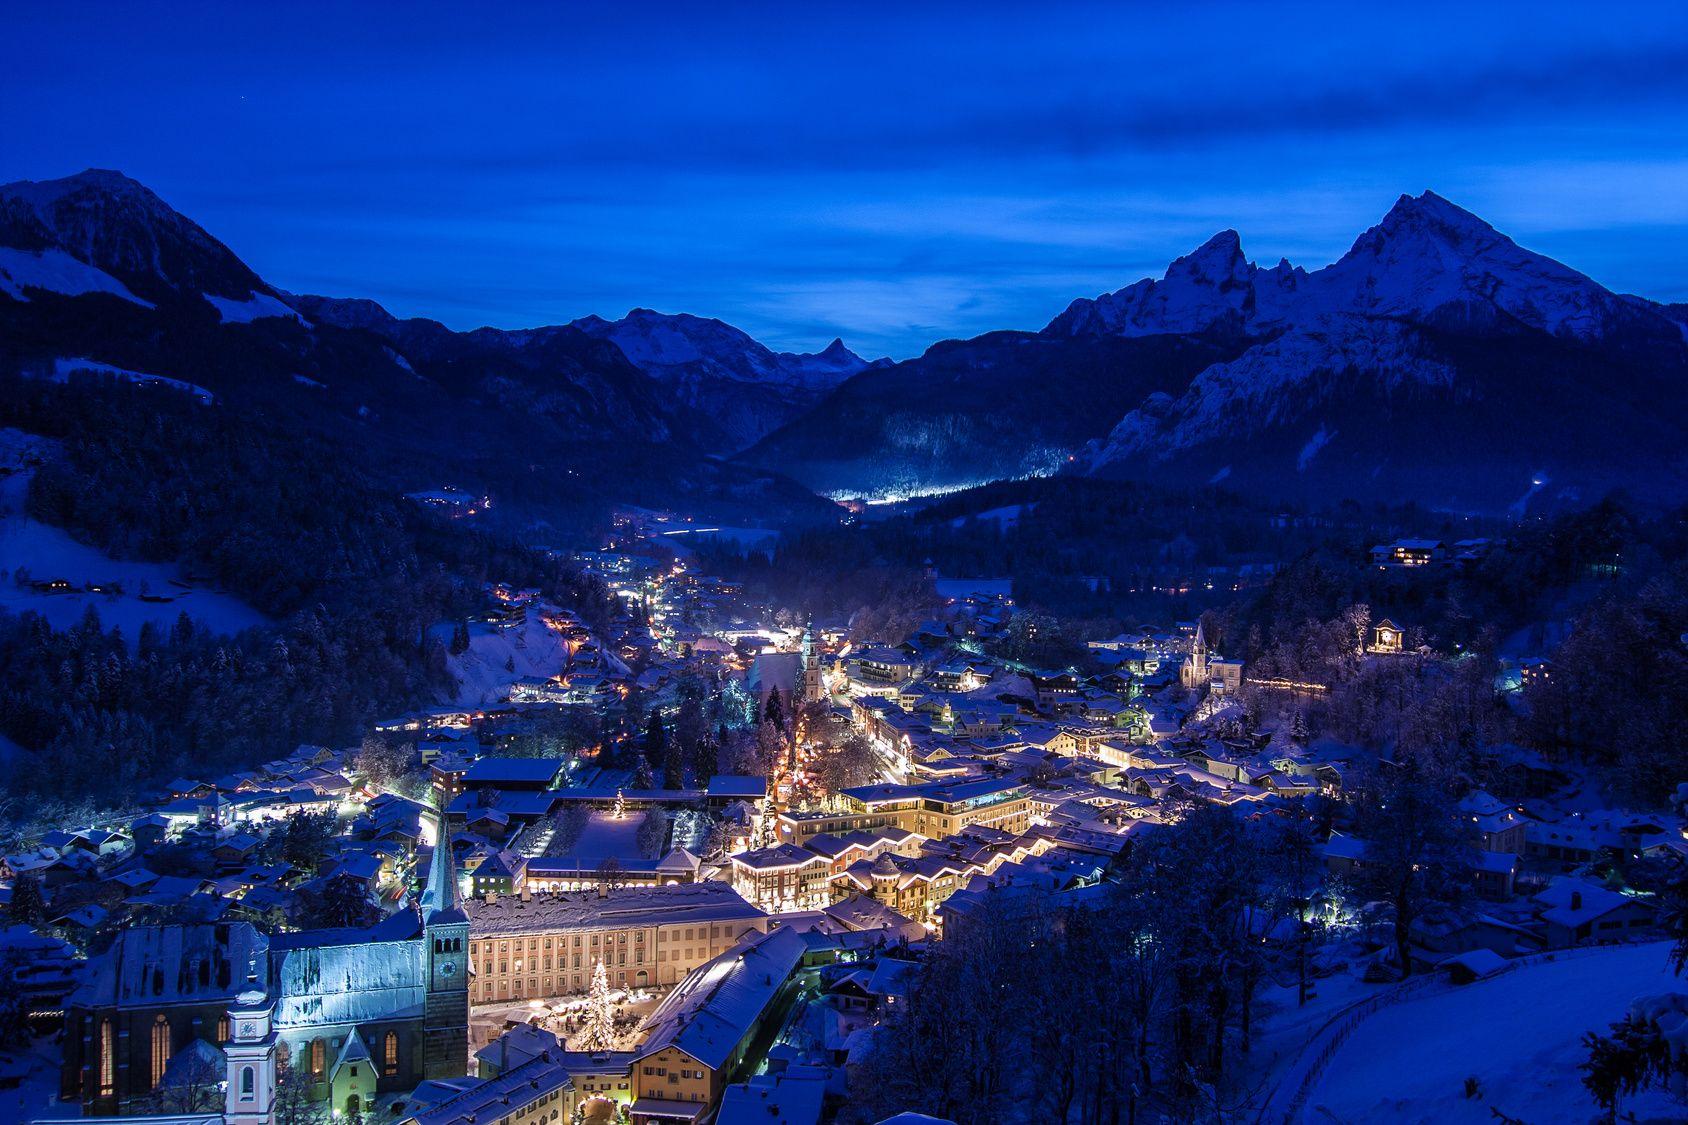 Berchtesgaden Winter